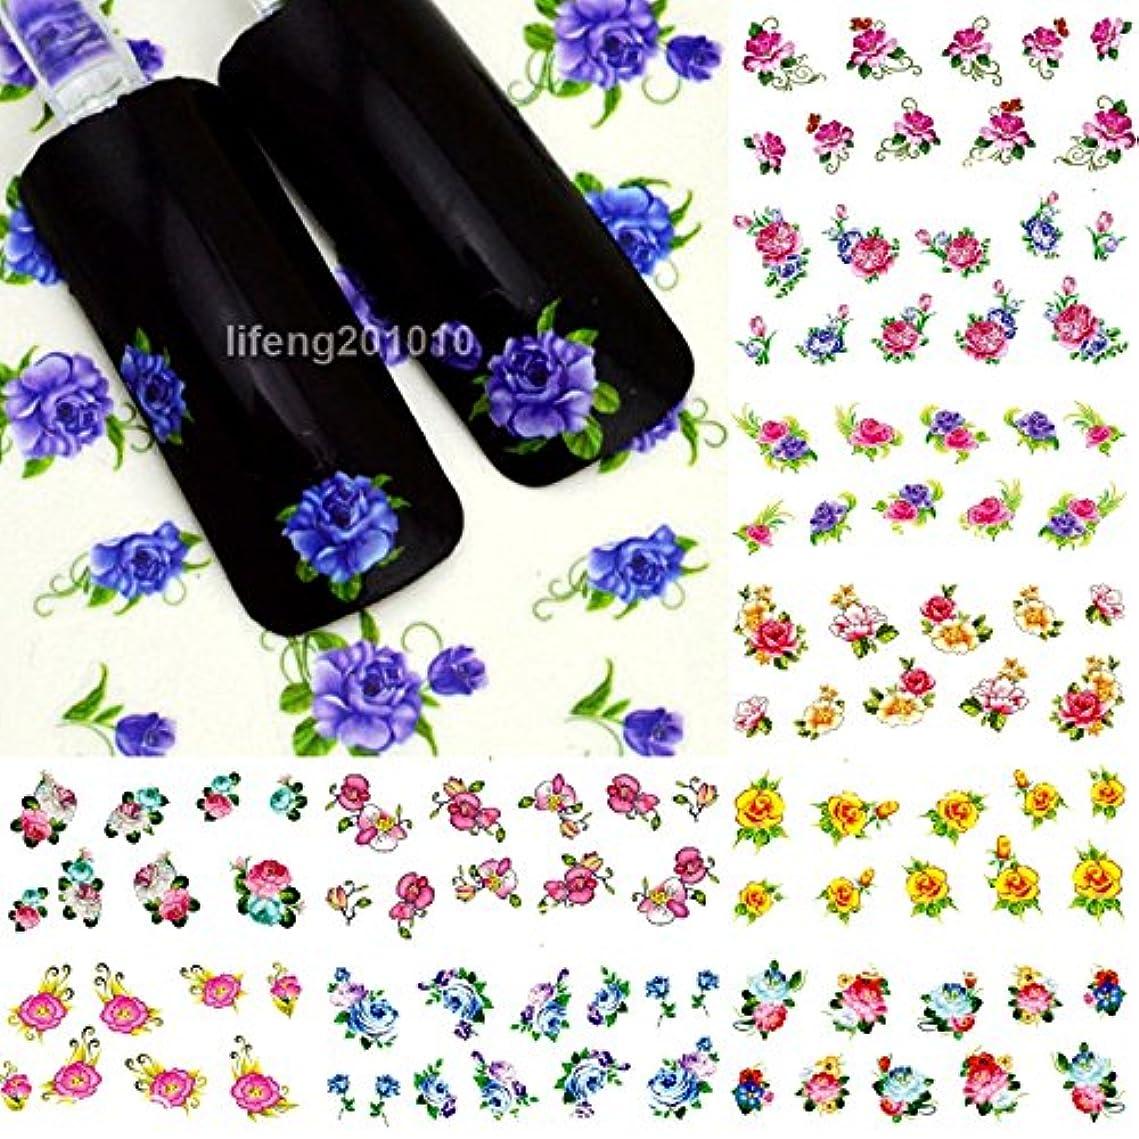 贅沢な検出するモネIthern(TM)美容水の転送ネイルステッカーネイルアートのヒントデコレーションマニキュア用品ツールの花のデザインのために37から48をデカール12枚